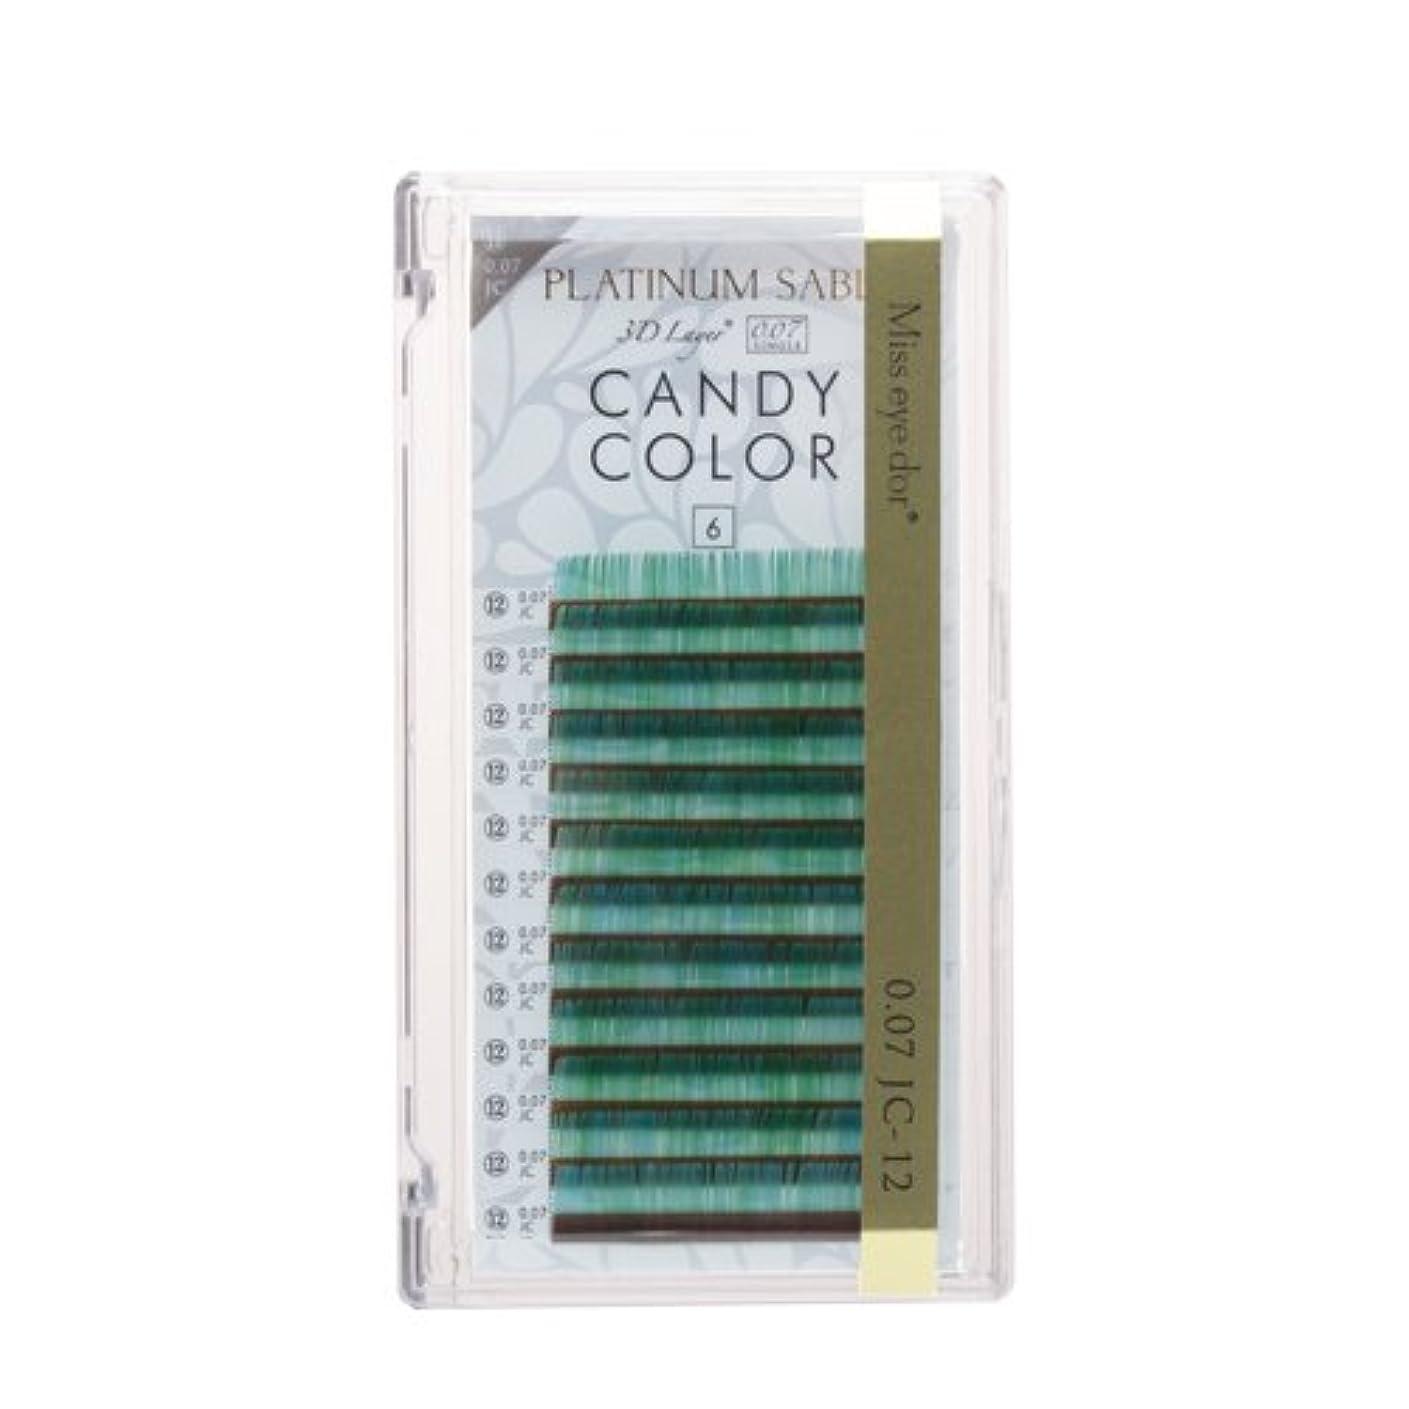 誓う晴れ鎮痛剤プラチナセーブルキャンディカラー0.07mmJCカール15mmグリーン